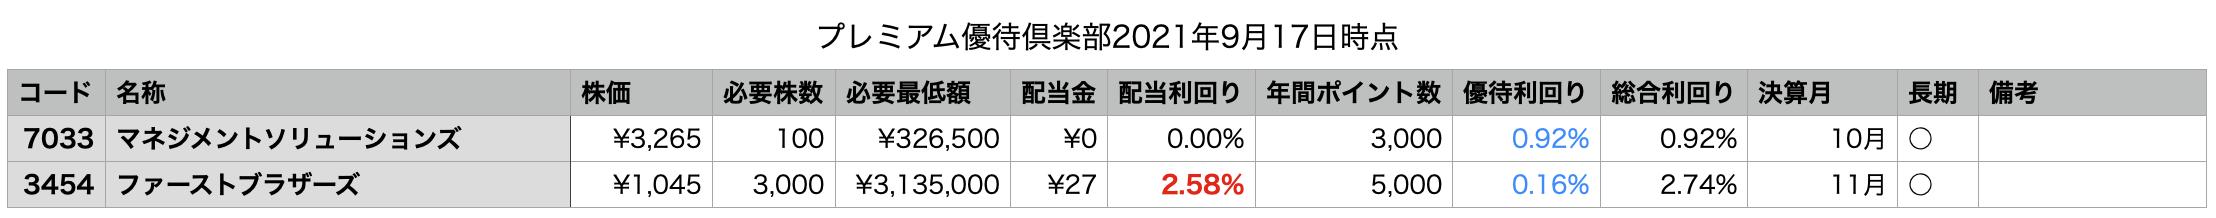 スクリーンショット 2021-09-17 21.34.06